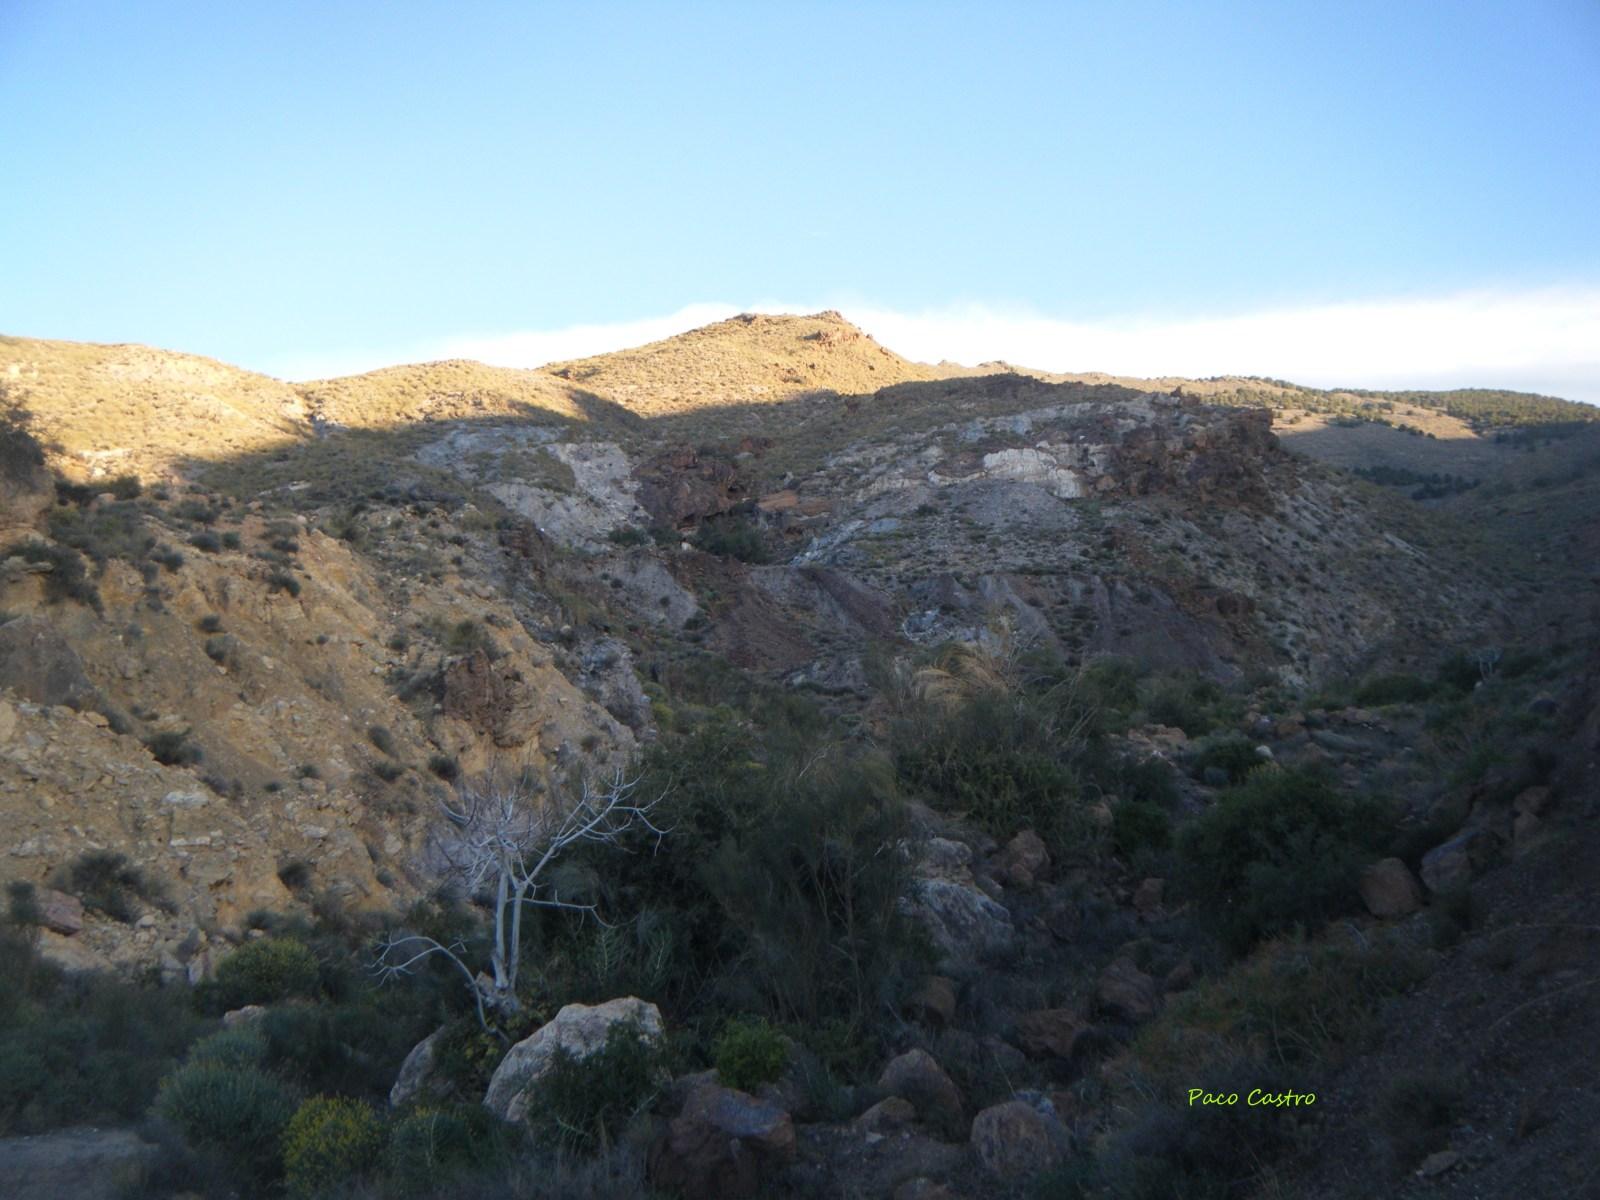 Mina Quince de Noviembre, Los Baños de Sierra Alhamilla, Pechina, Almeria, Andalucia, España 7266no